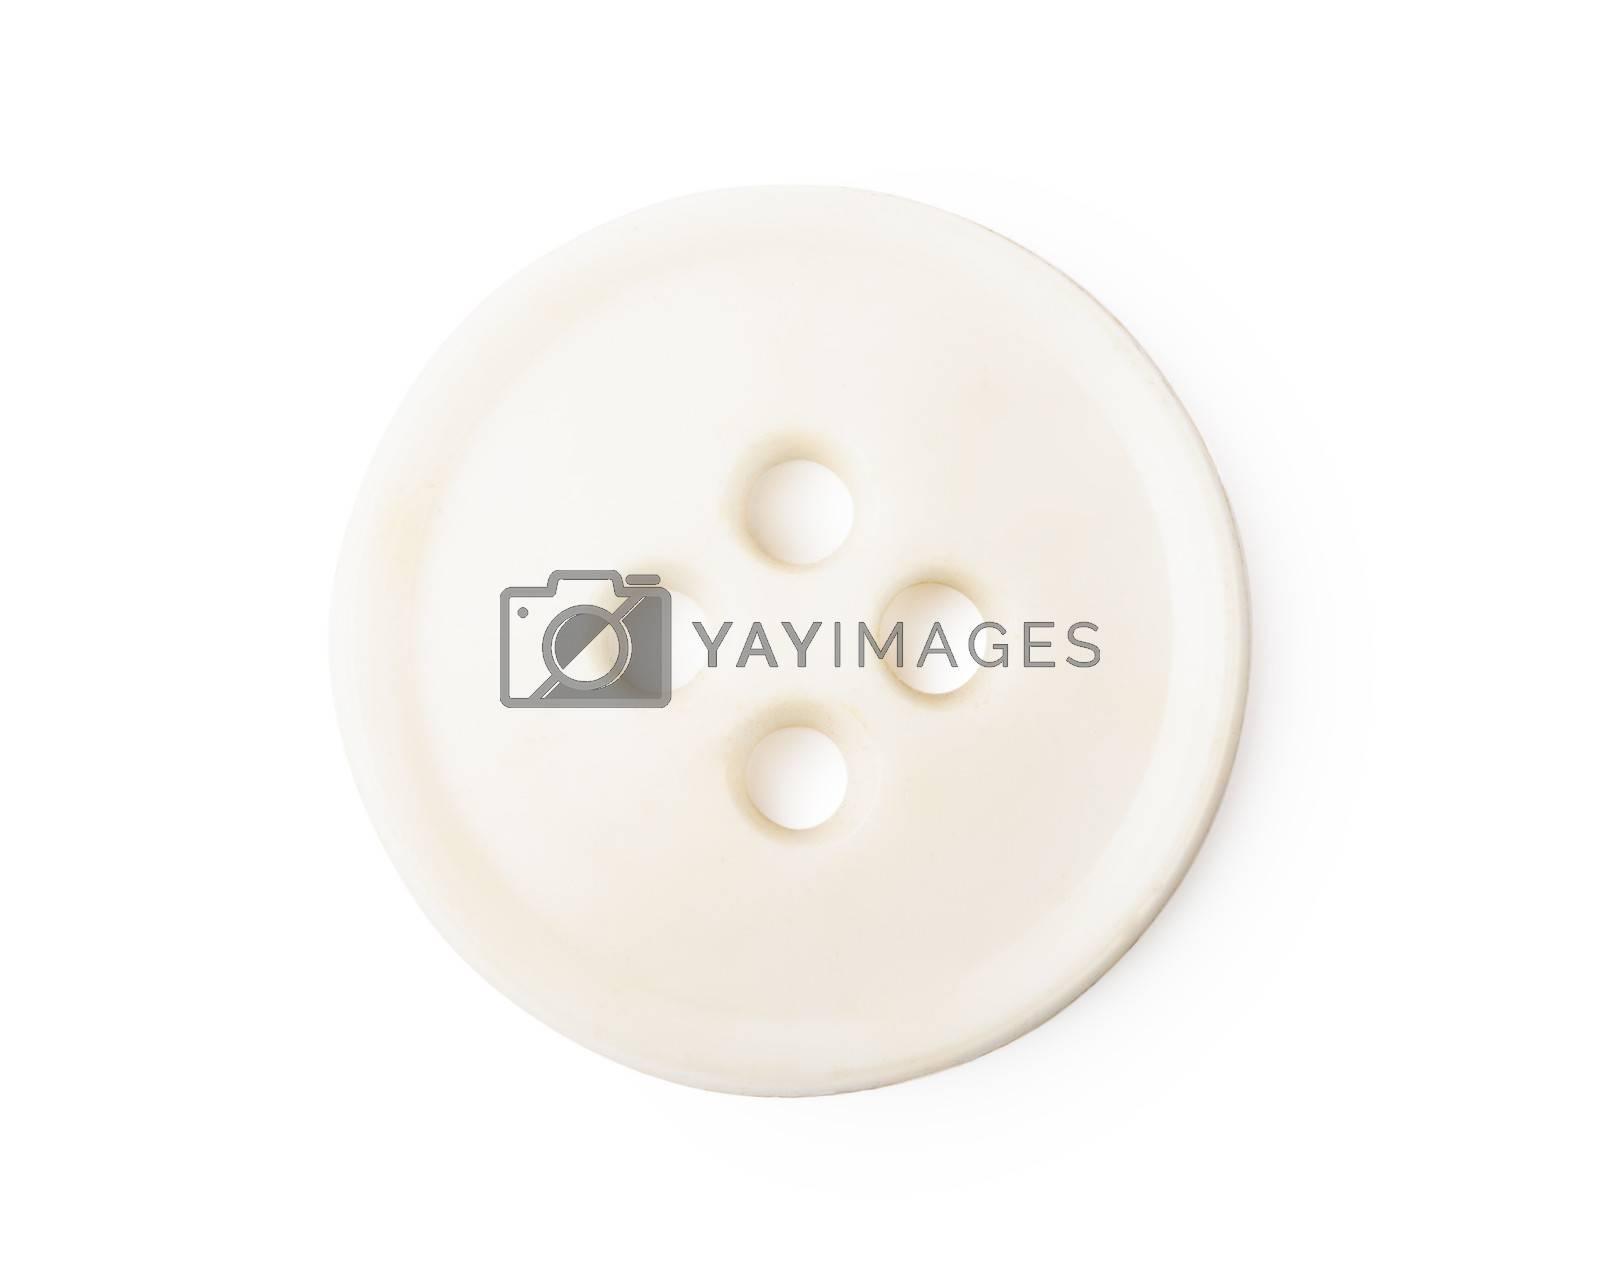 Single white old-fashioned retro button over white background